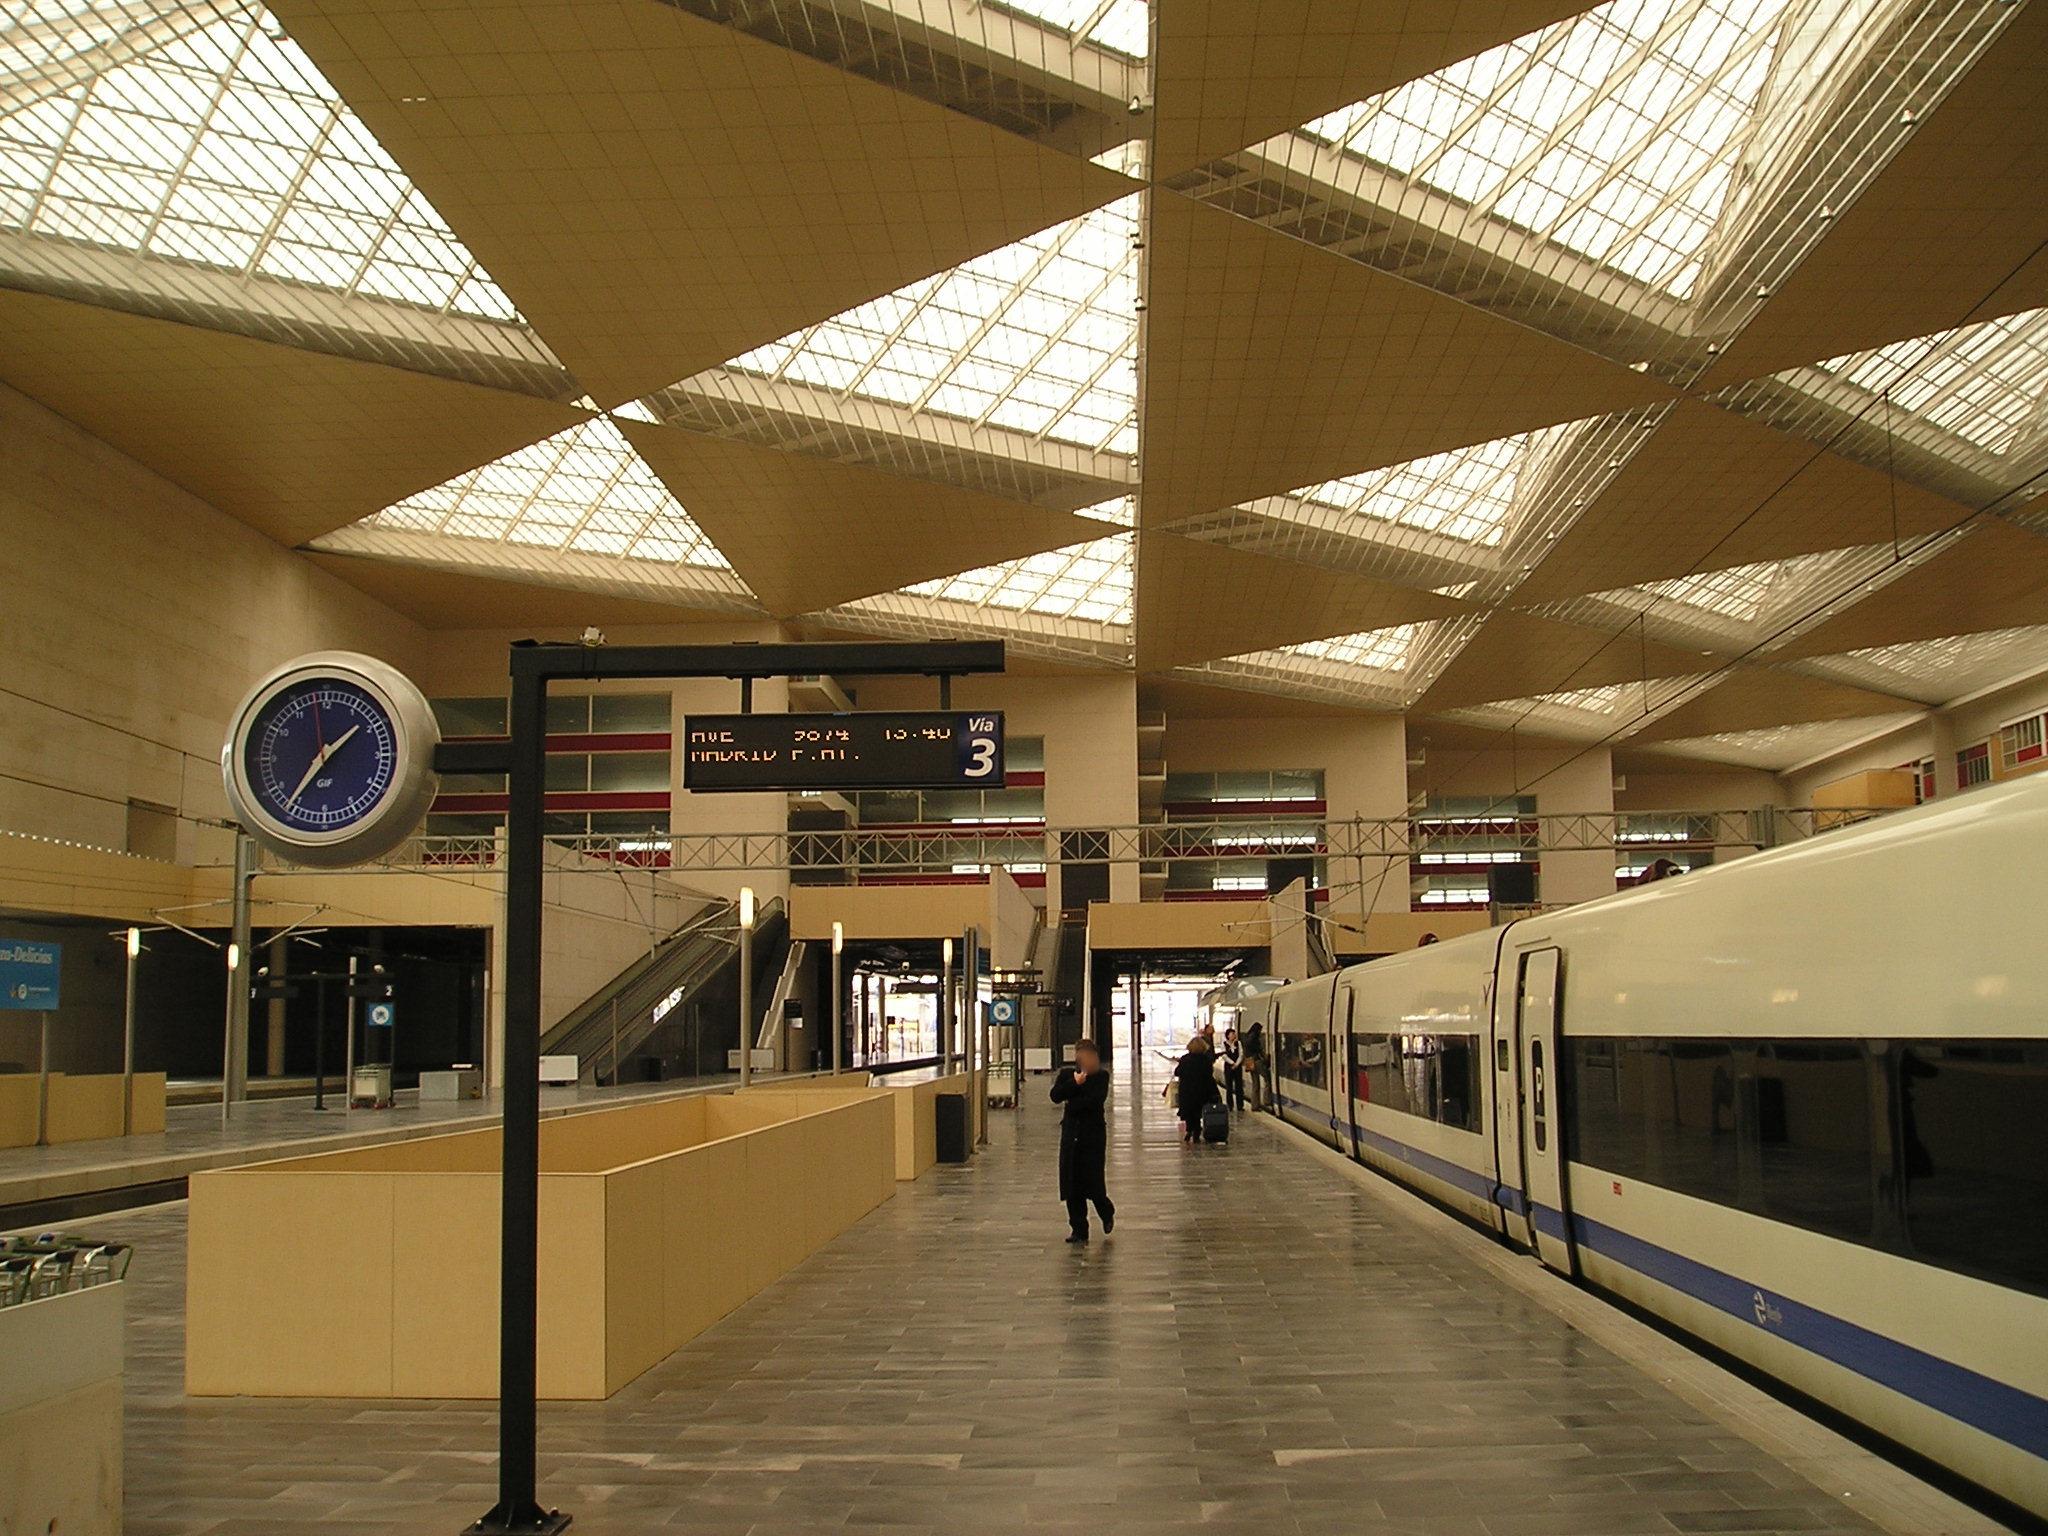 Renfe / ADIF: Zaragoza - Delicias